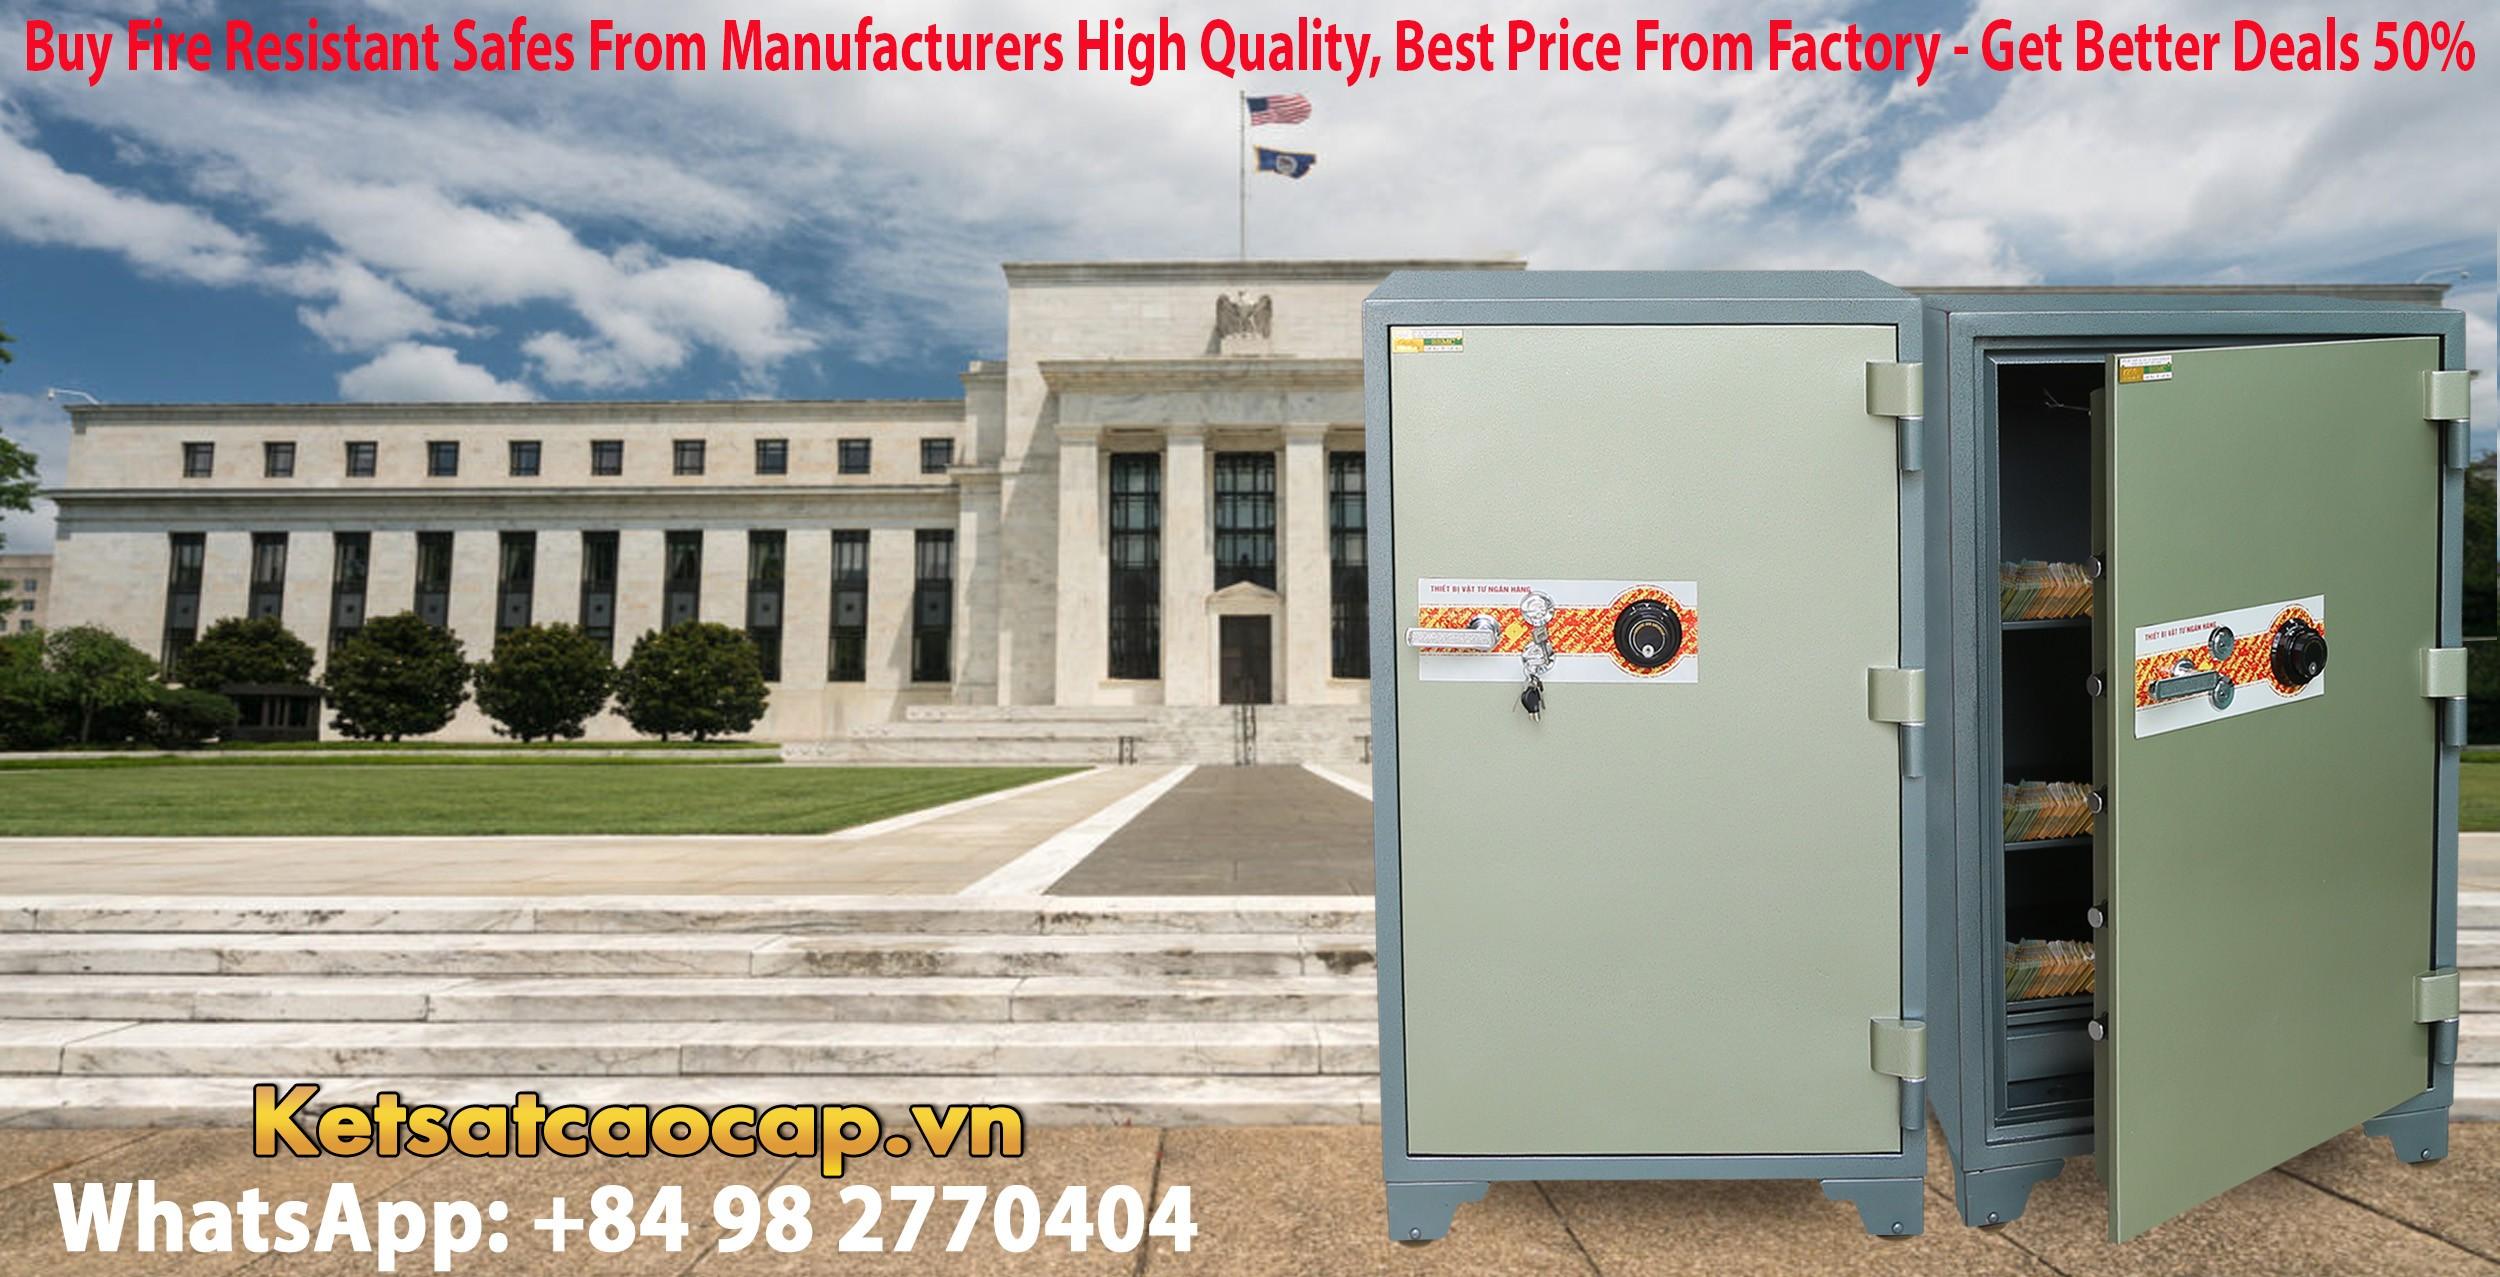 hình ảnh sản phẩm két sắt ngân hàng cỡ lớn tphcm